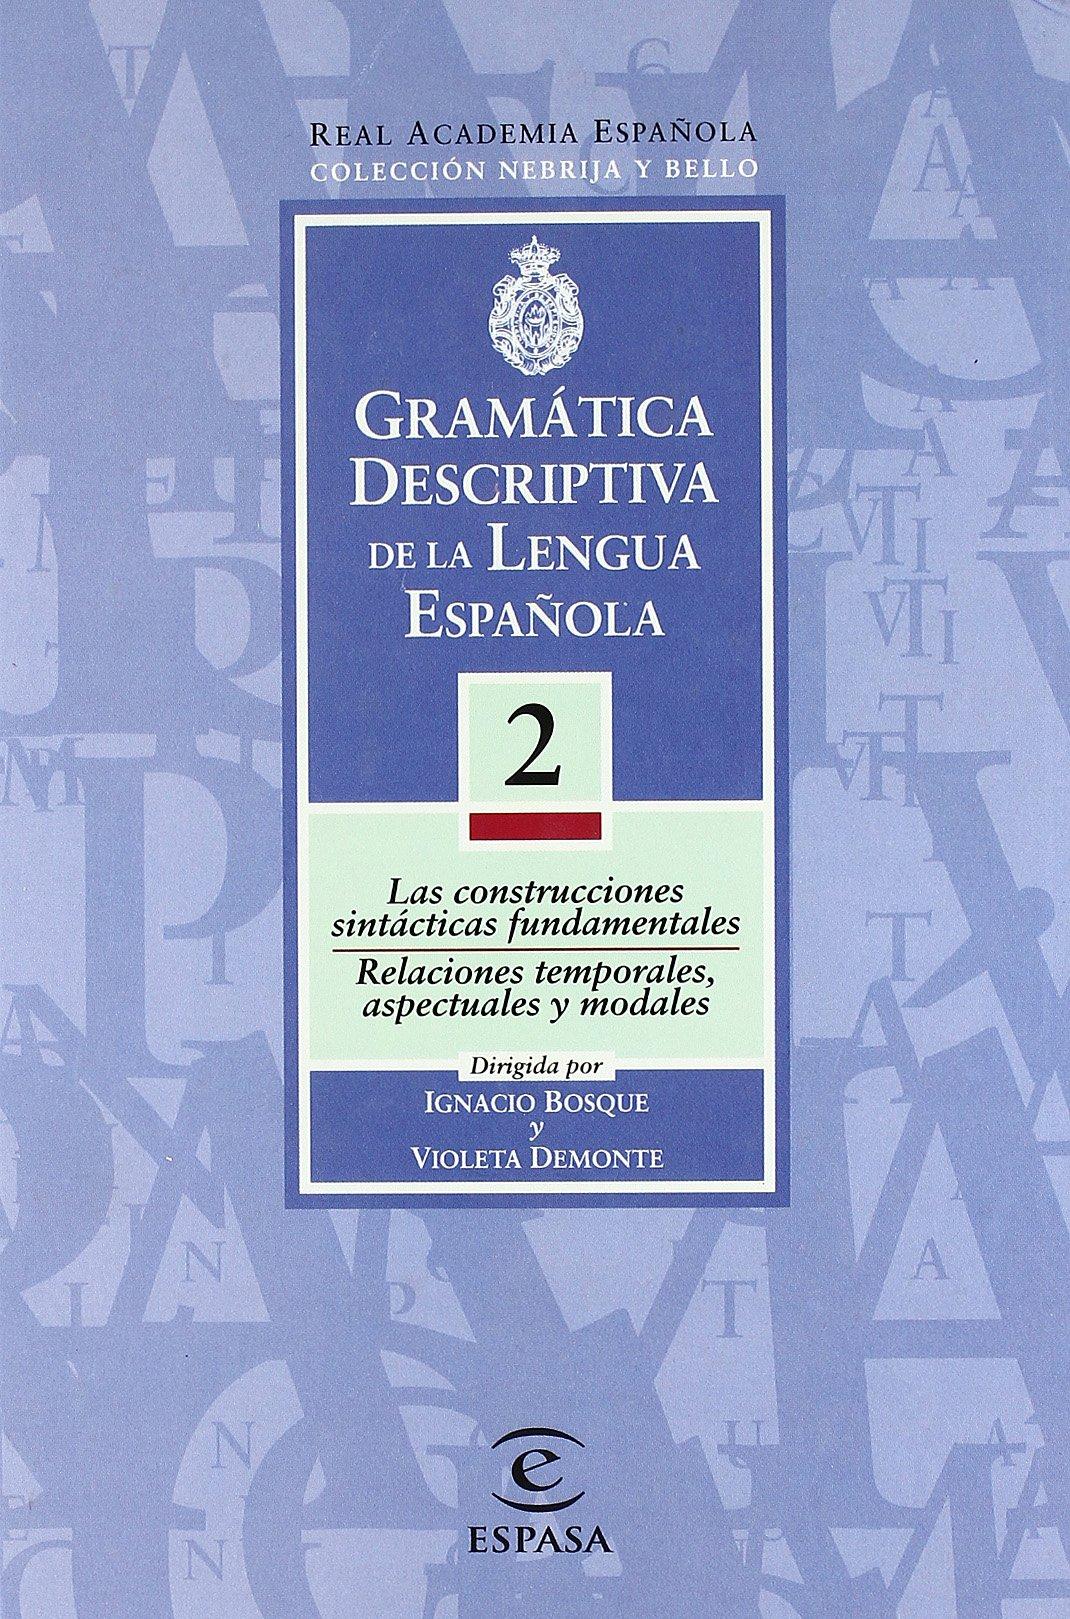 Gramática Descriptiva De La Lengua Española Vol 2 Las Construcciones Sintácticas Fundamentales Relaciones Temporales Aspectuales Y Modales Aa Vv 9788423979196 Books